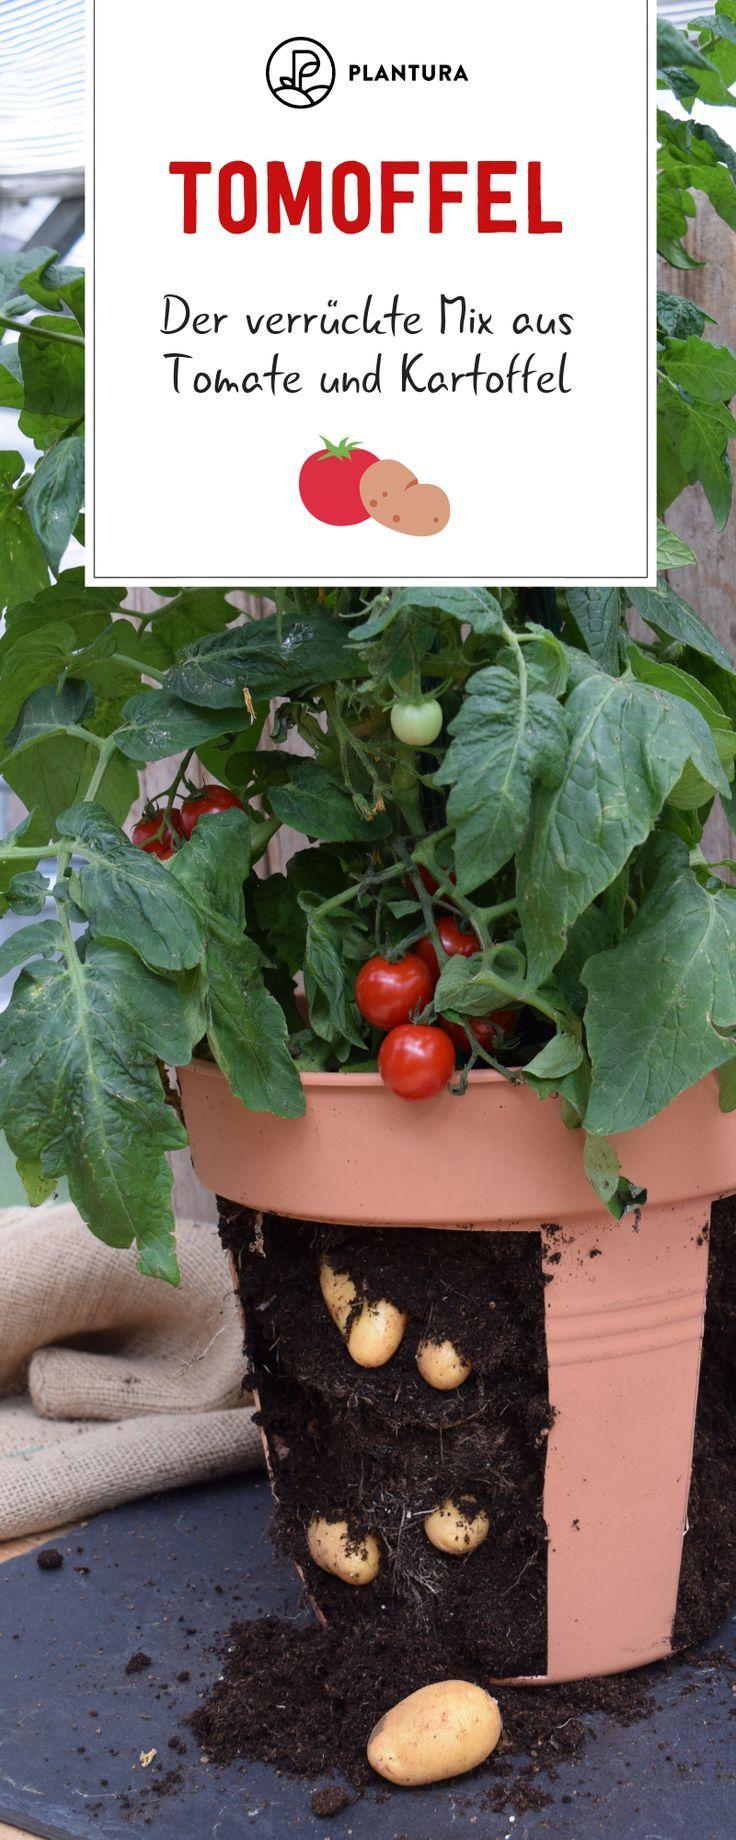 Tomoffel: Tomaten auf Kartoffeln veredeln (Video-Anleitung) - Plantura